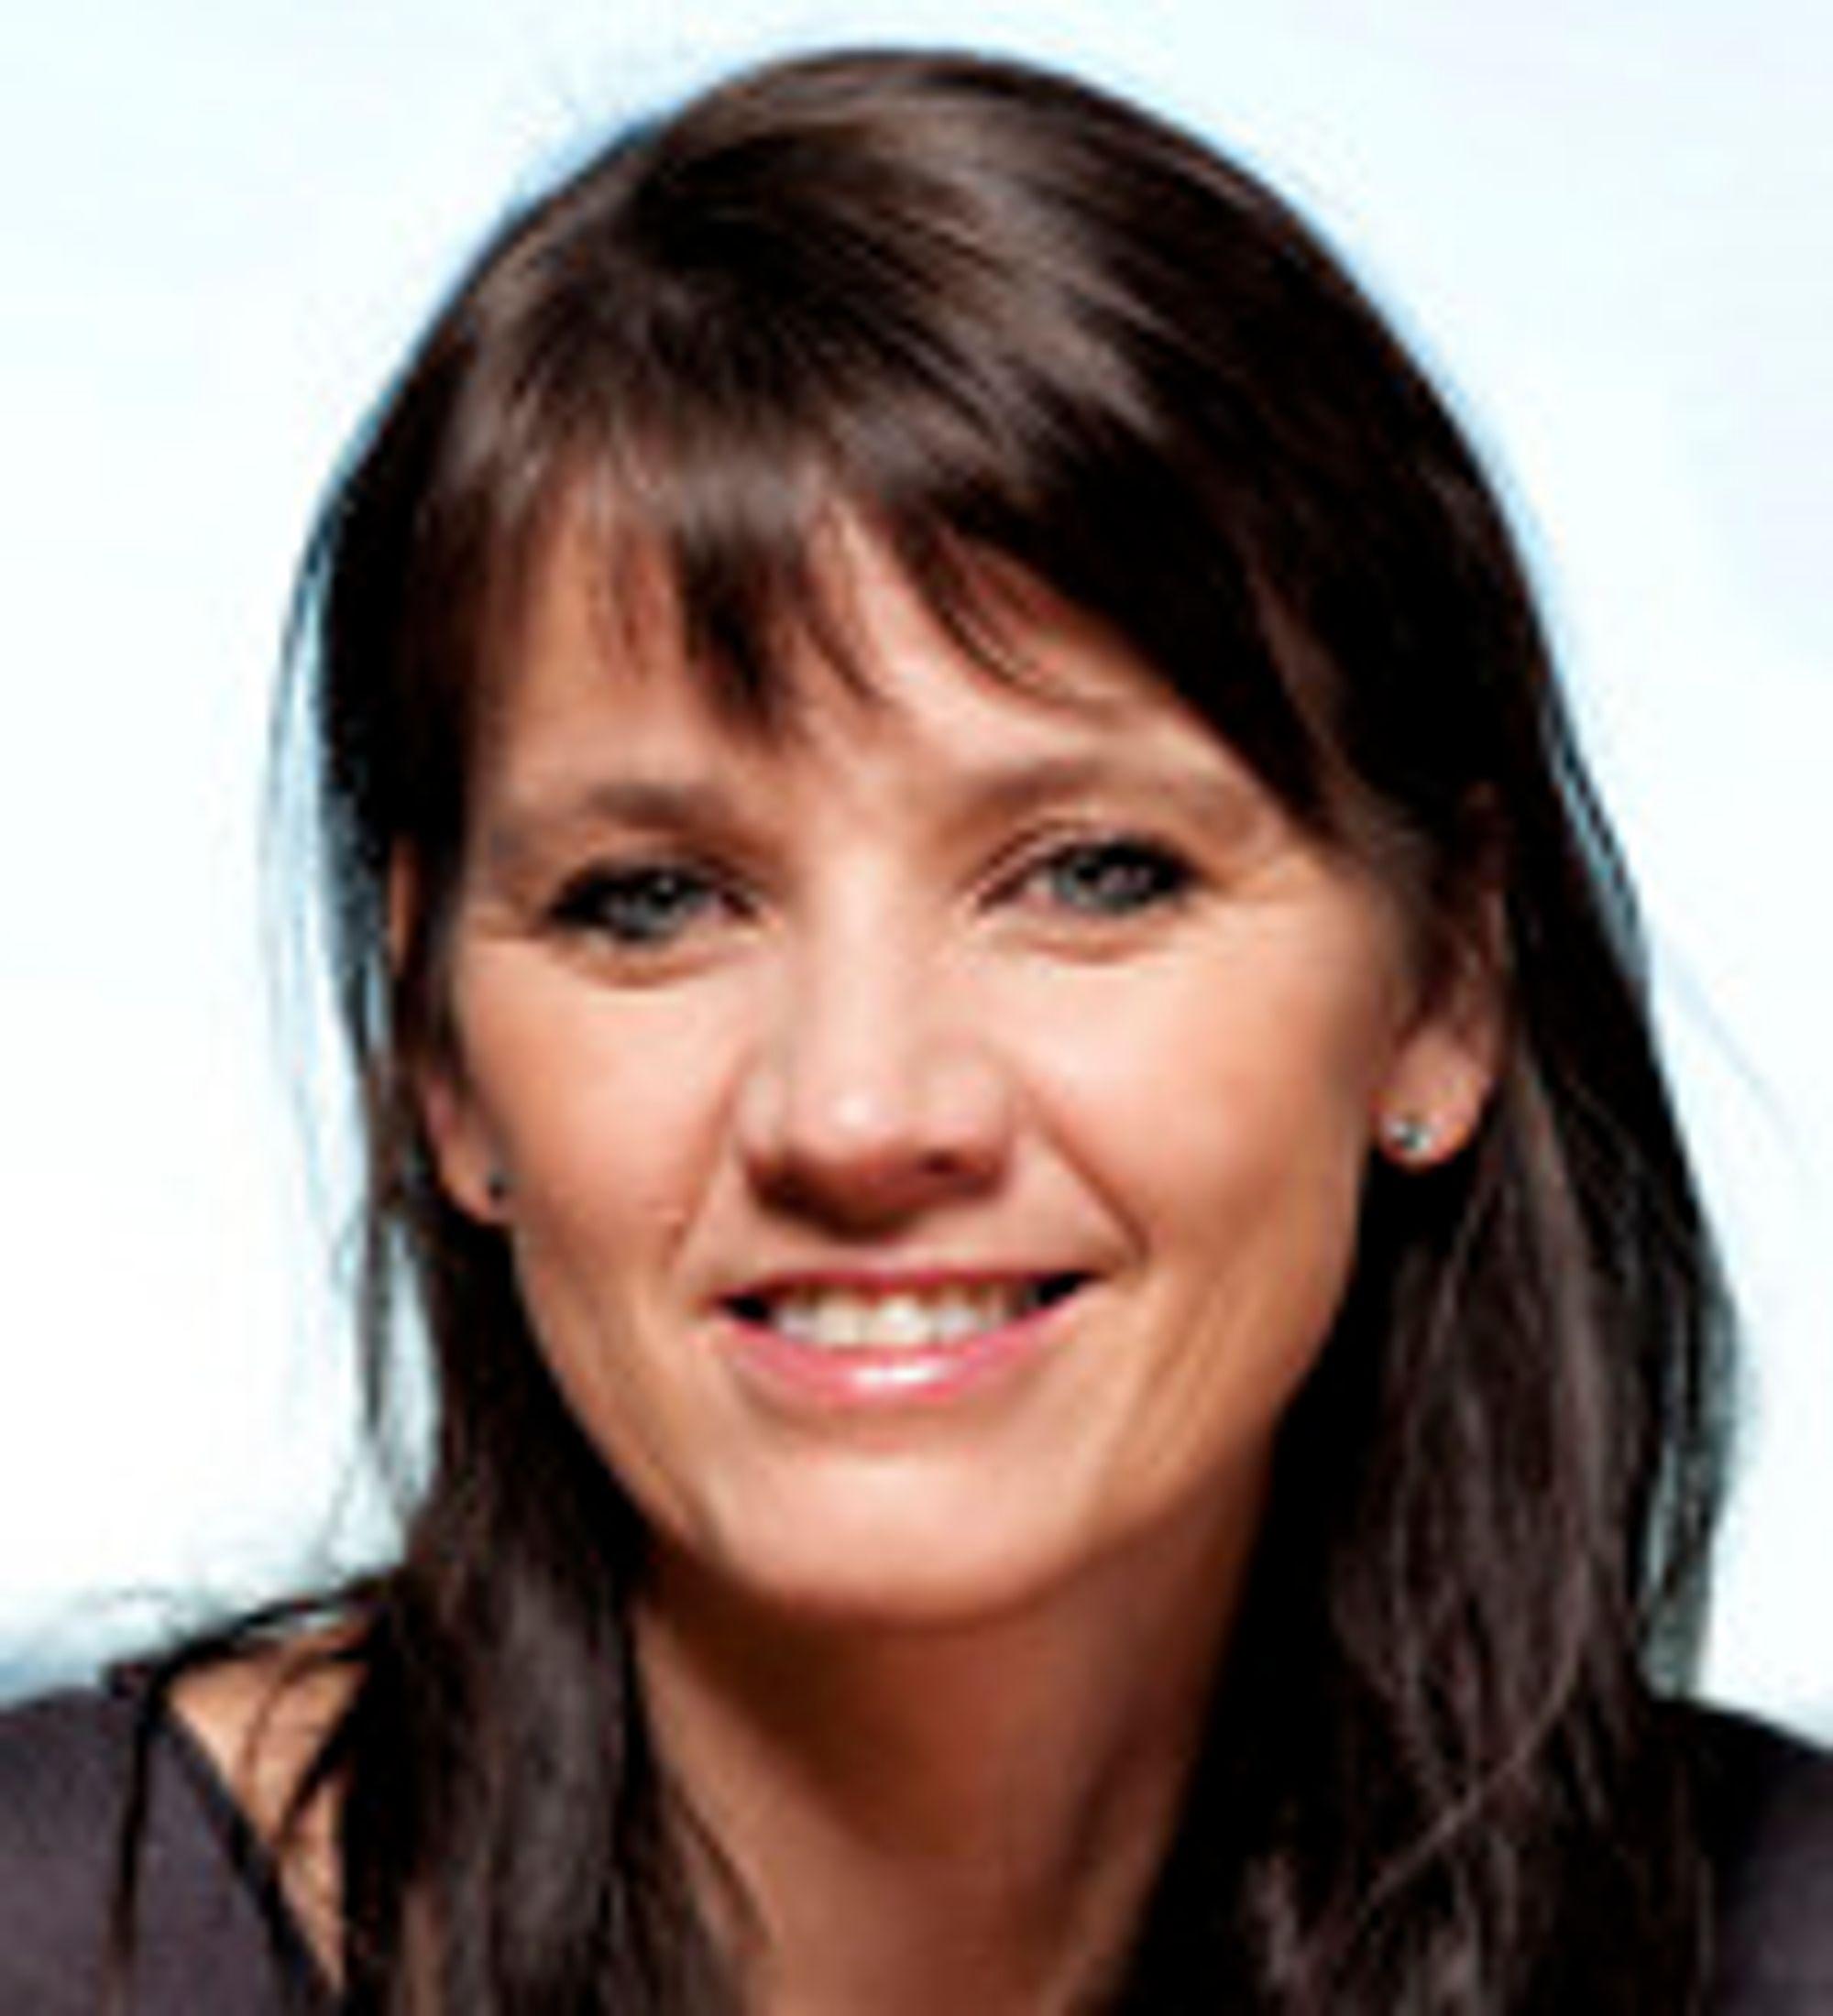 HÅPER PÅ LØSNING: Spekters administrerende direktør Anne-Kari Bratten sier situasjonen er trist.